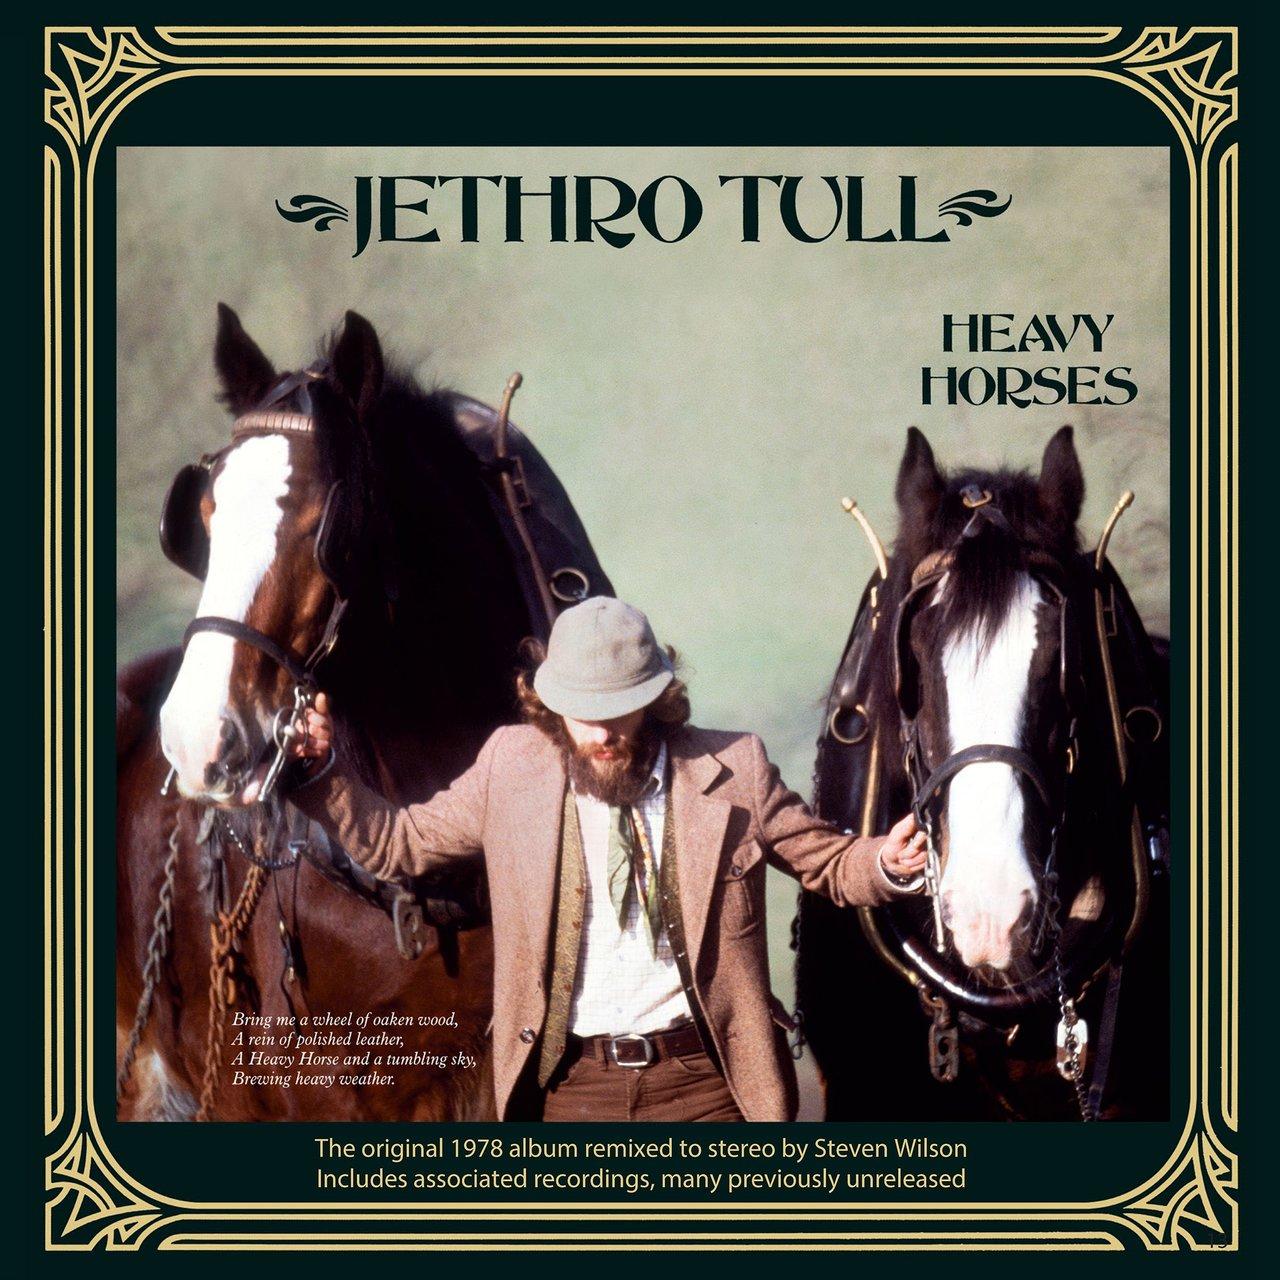 TIDAL: Listen to Jethro Tull on TIDAL